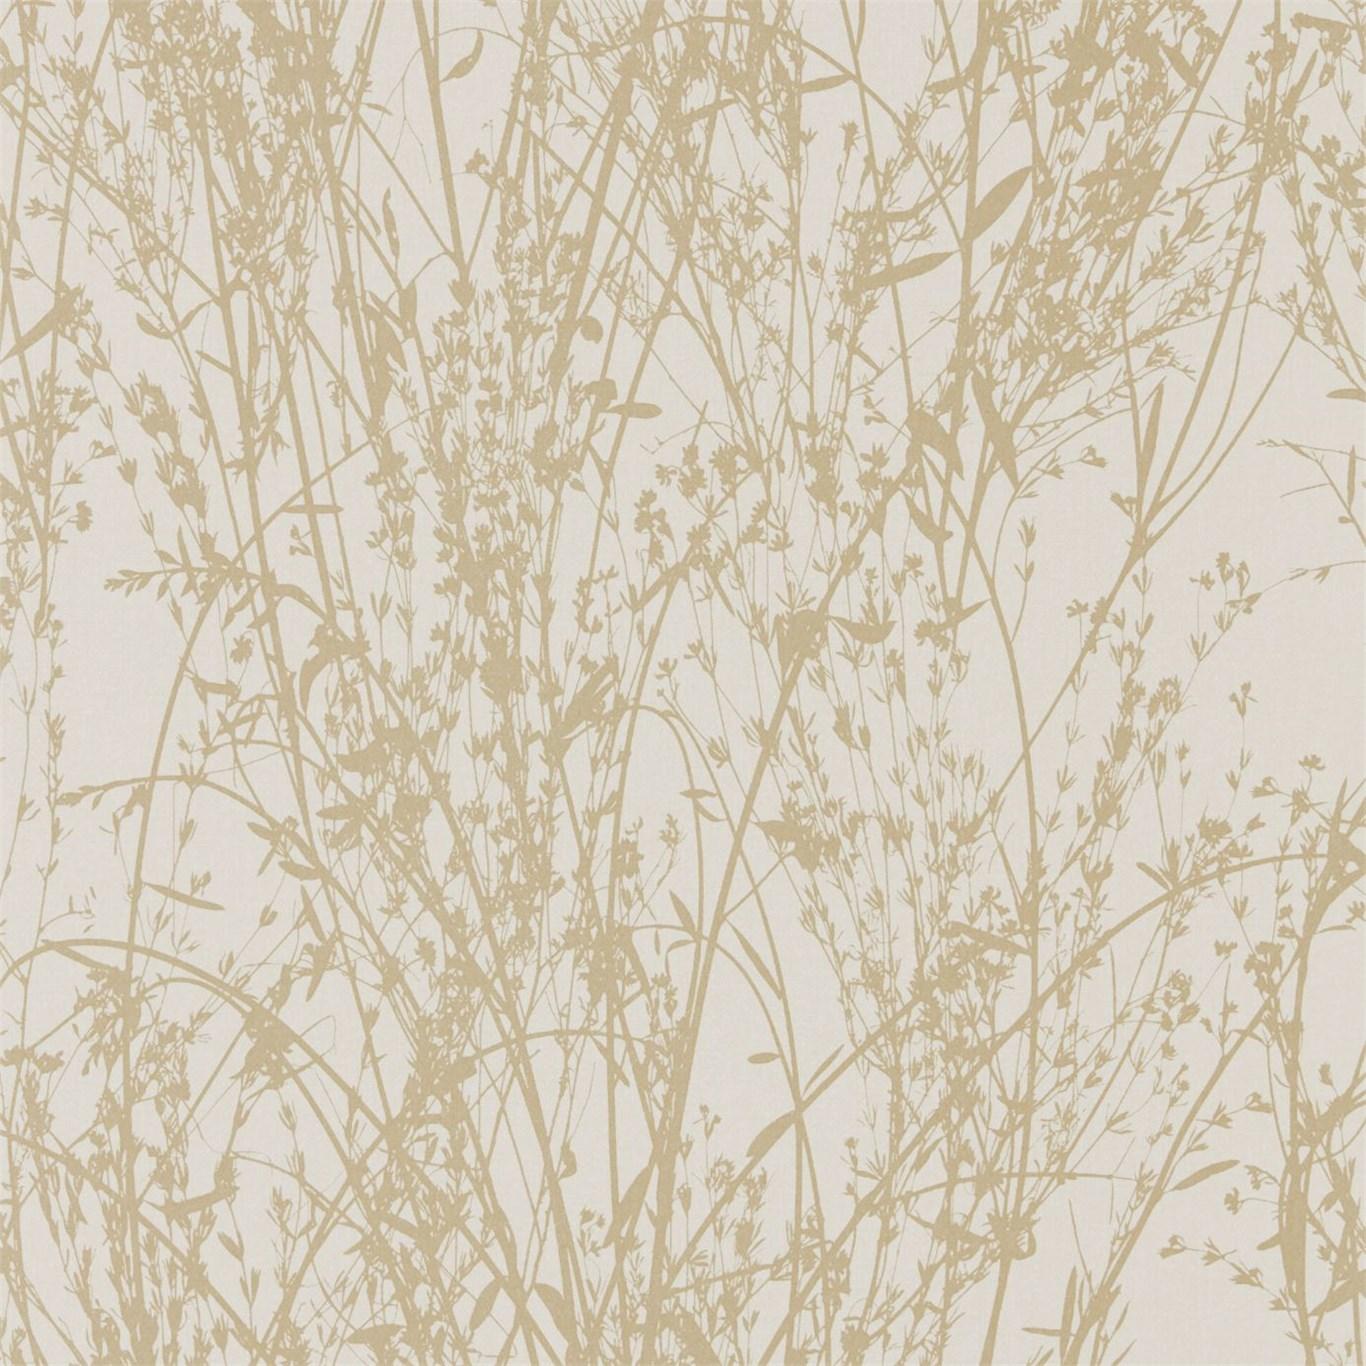 Meadow Canvas 215697